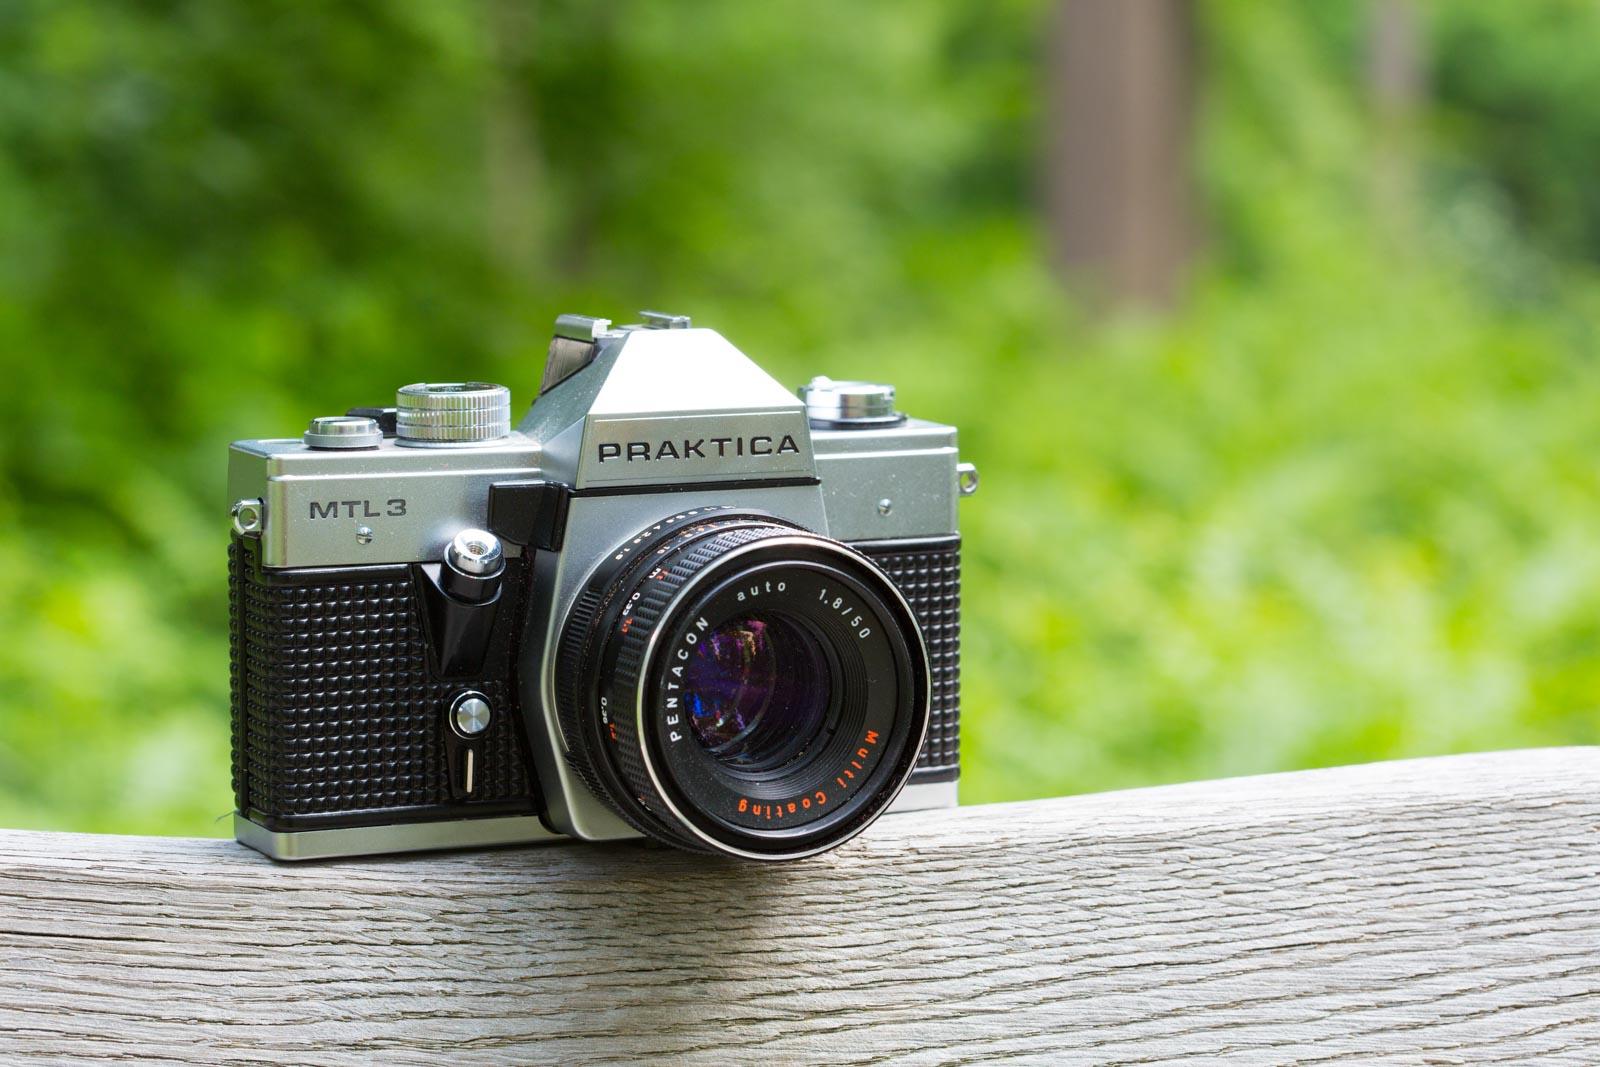 Oude Praktica camera buiten gefotografeerd